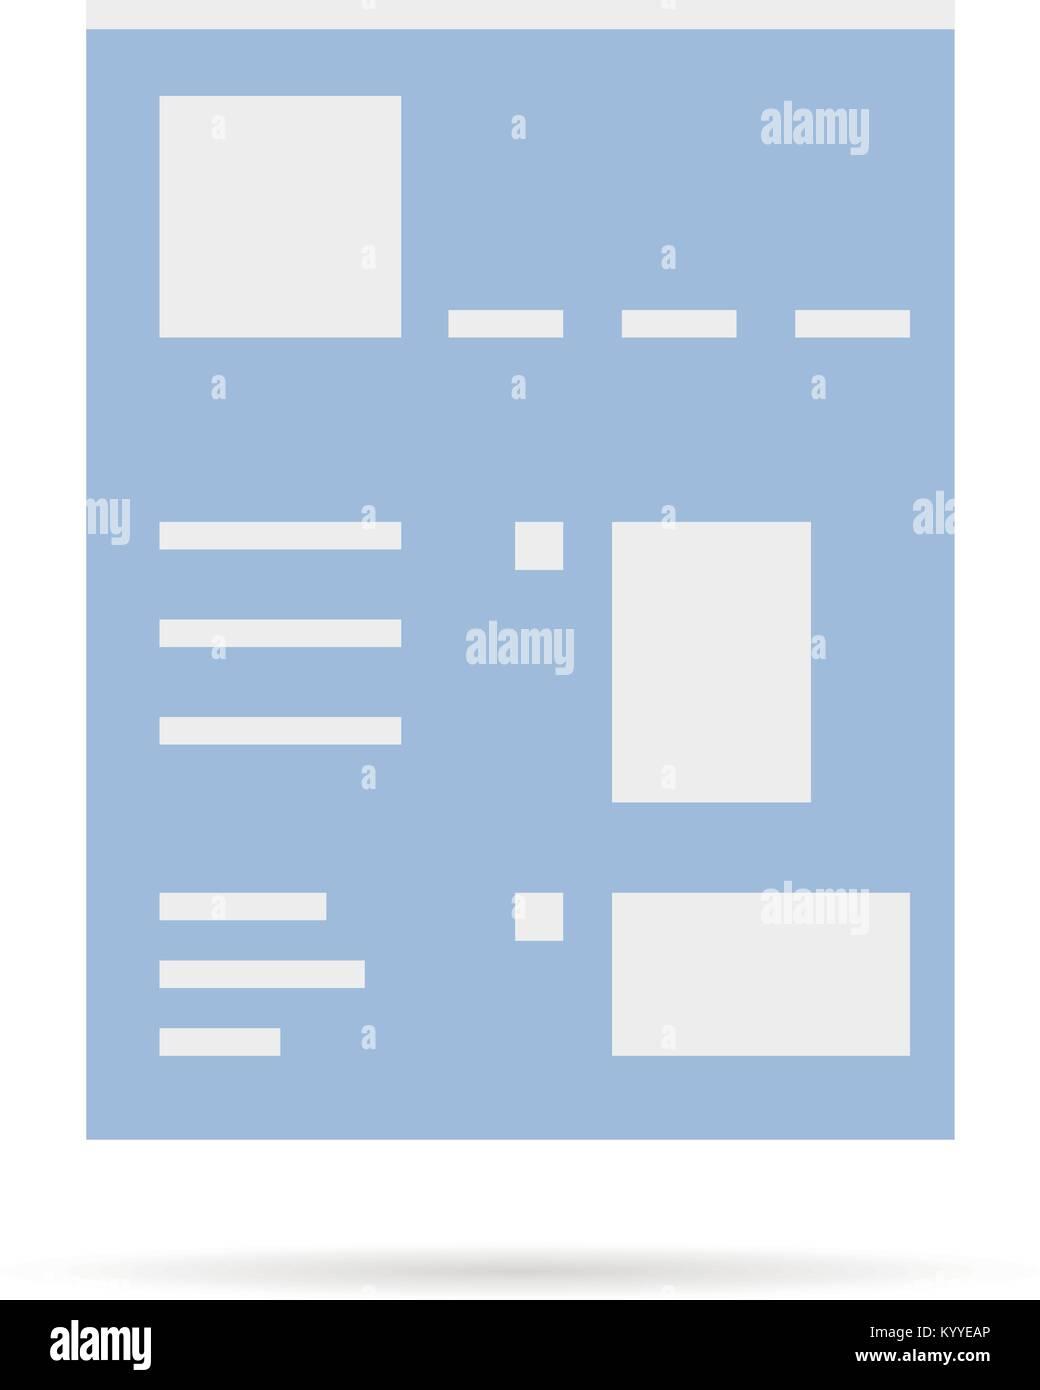 Wunderbar Einfache Seitenvorlage Galerie - Beispiel Business ...